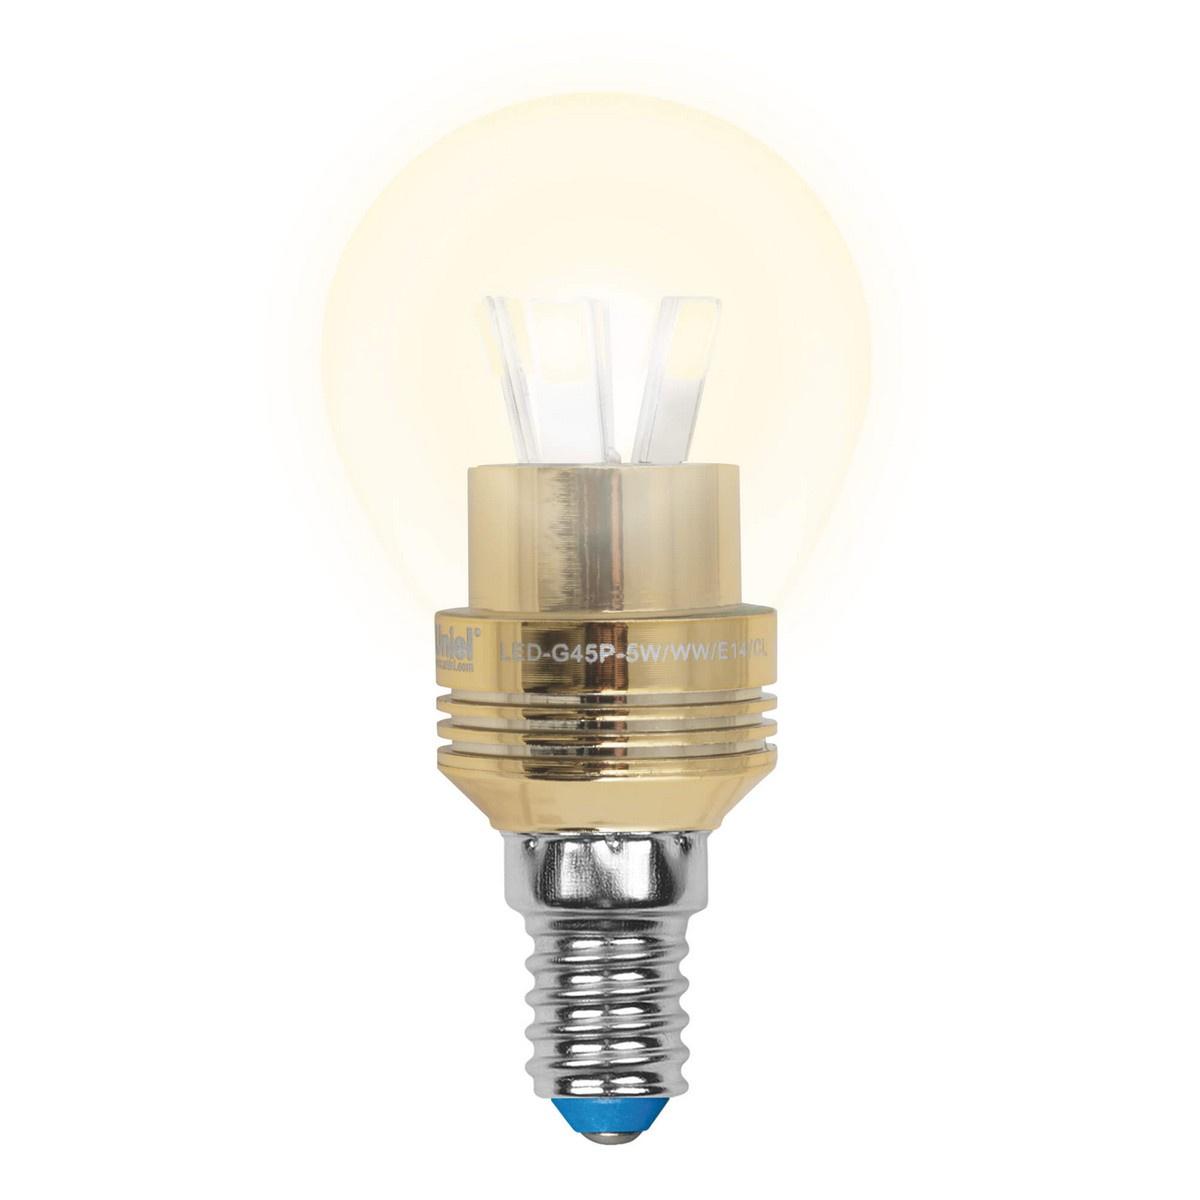 Лампа светодиодная (10062) E14 5W 3000K матовая LED-G45P-5W/WW/E14/FR ALC02GD